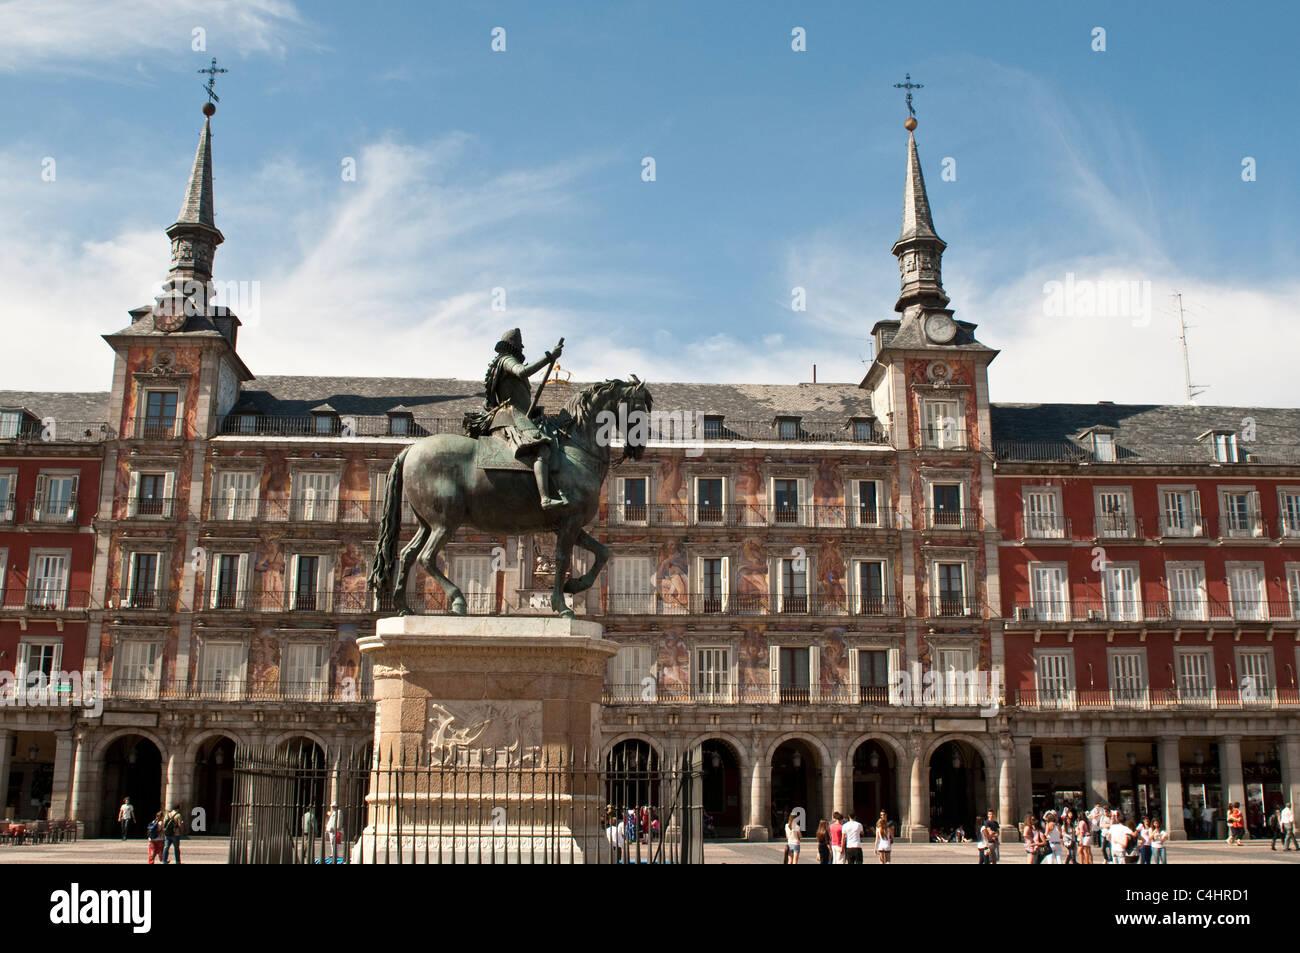 Plaza Mayor with statue of king Philips III, Madrid, Spain - Stock Image